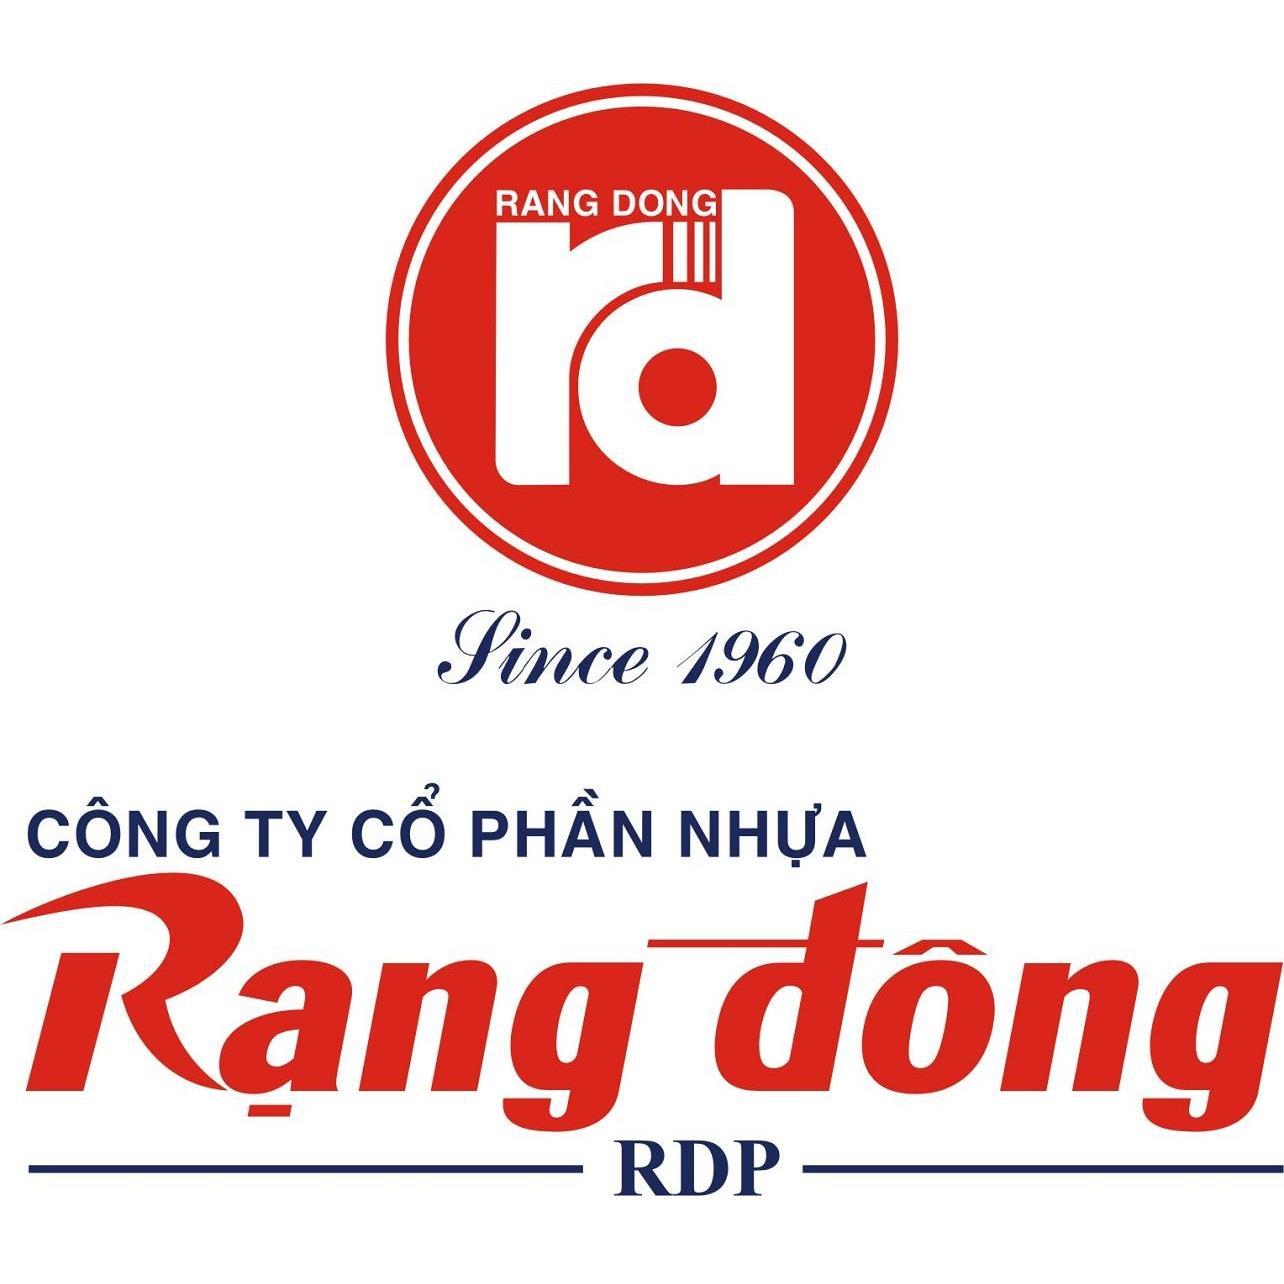 RDP: Quy chế nội bộ về quản trị công ty